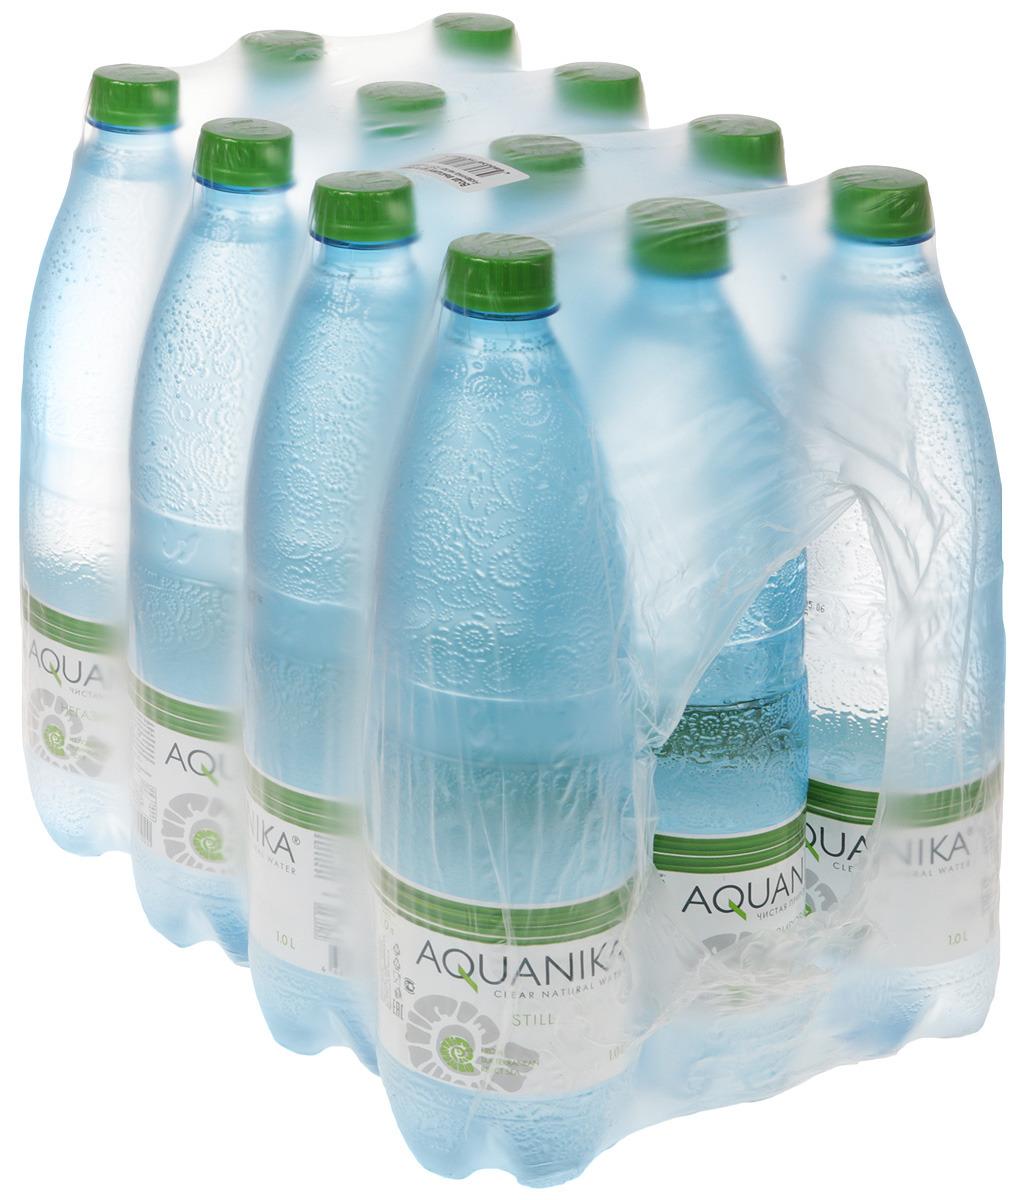 Вода Акваника высшей категории негазированная детская, 12 шт по 1 л